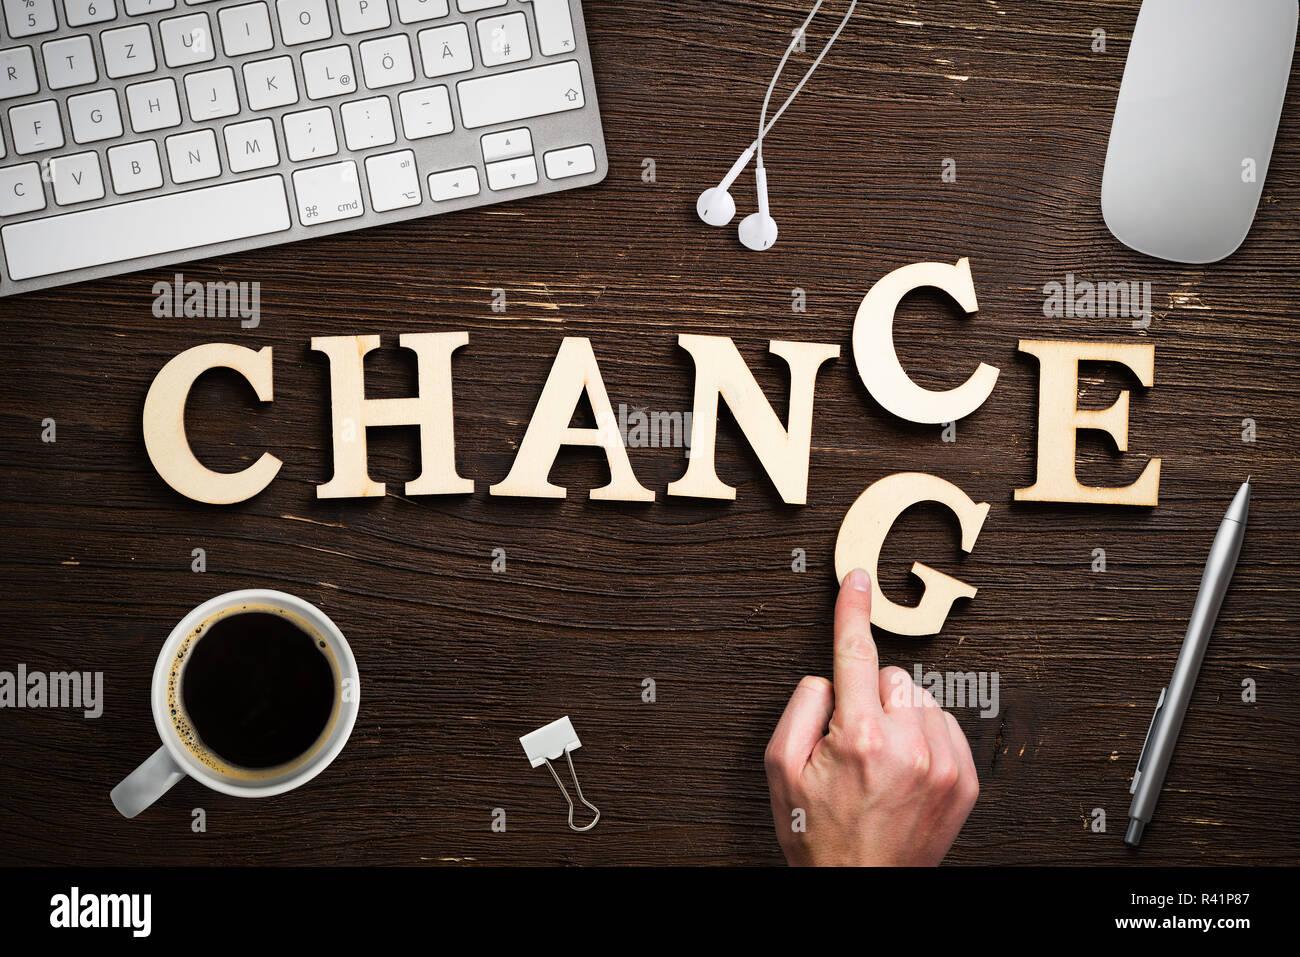 Hand bewegt ein Schreiben, das Wort 'Ändern' zu 'Chance' Stockfoto